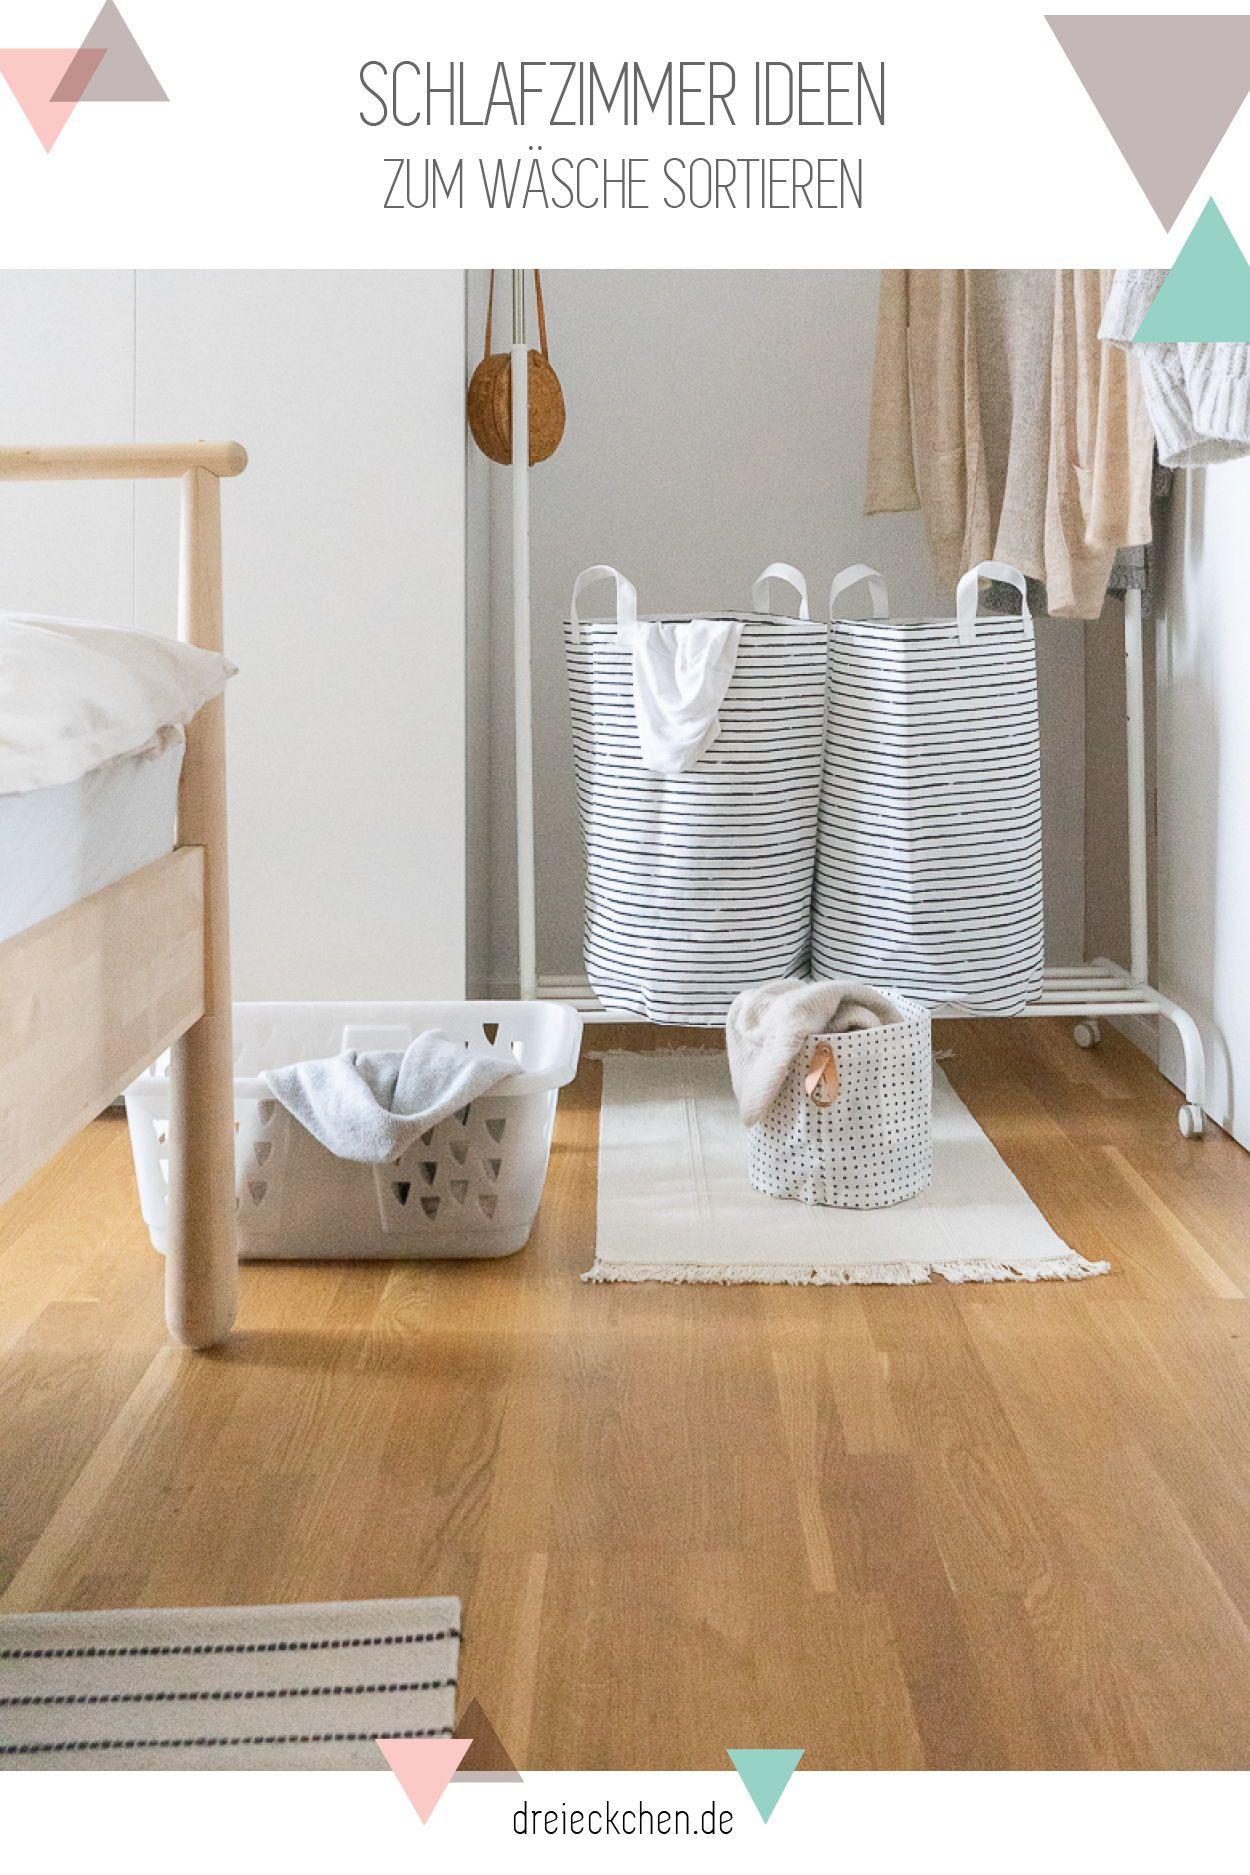 Schlafzimmer Ideen: 5 Einrichtungsideen für ein schönes Schlafzimmer › dreieckchen